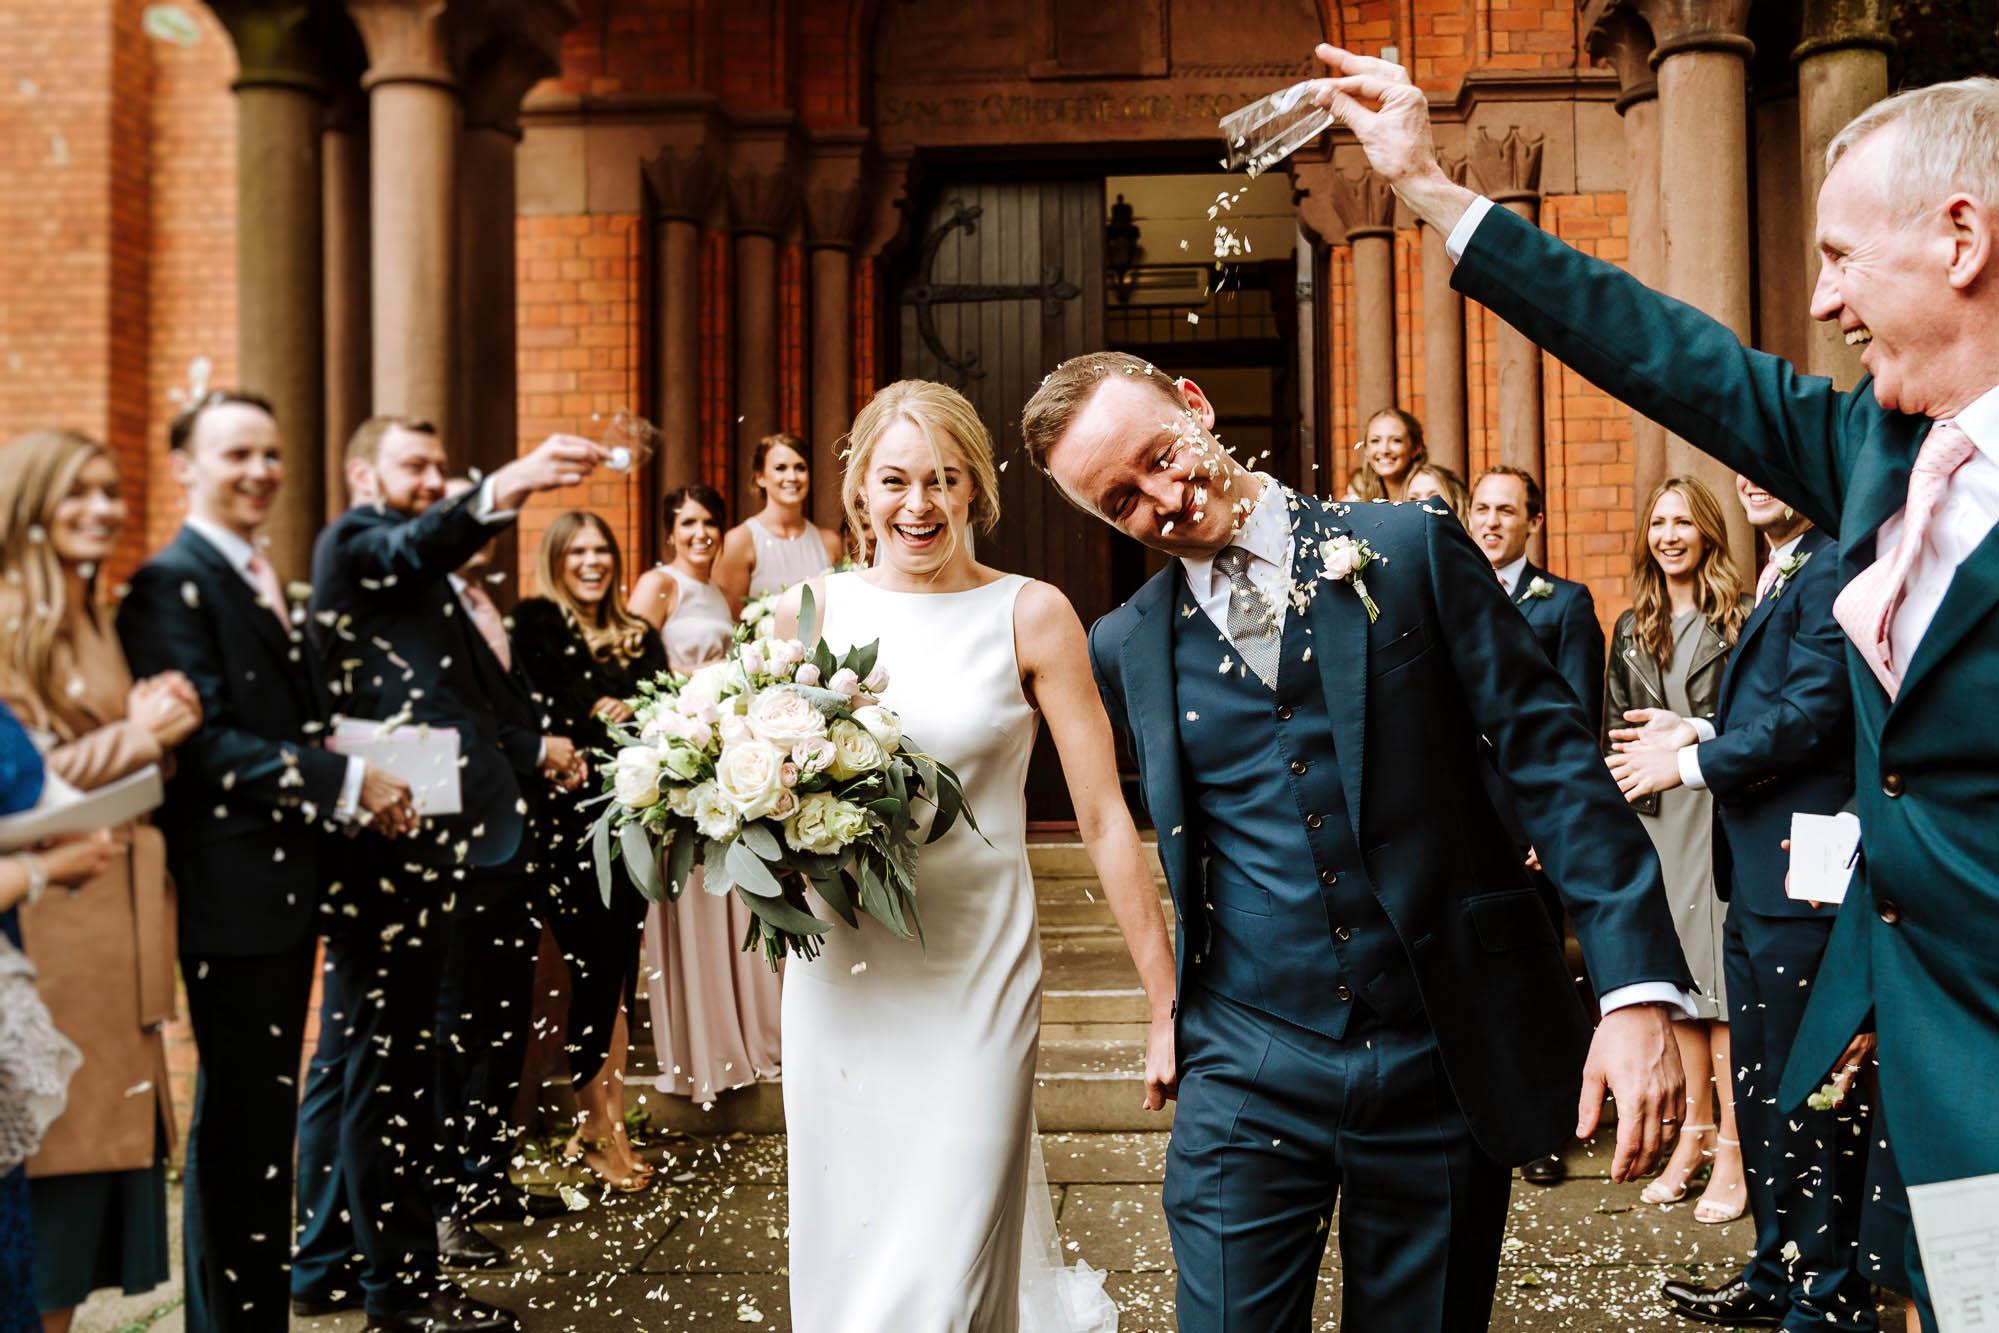 confetti all over the groom